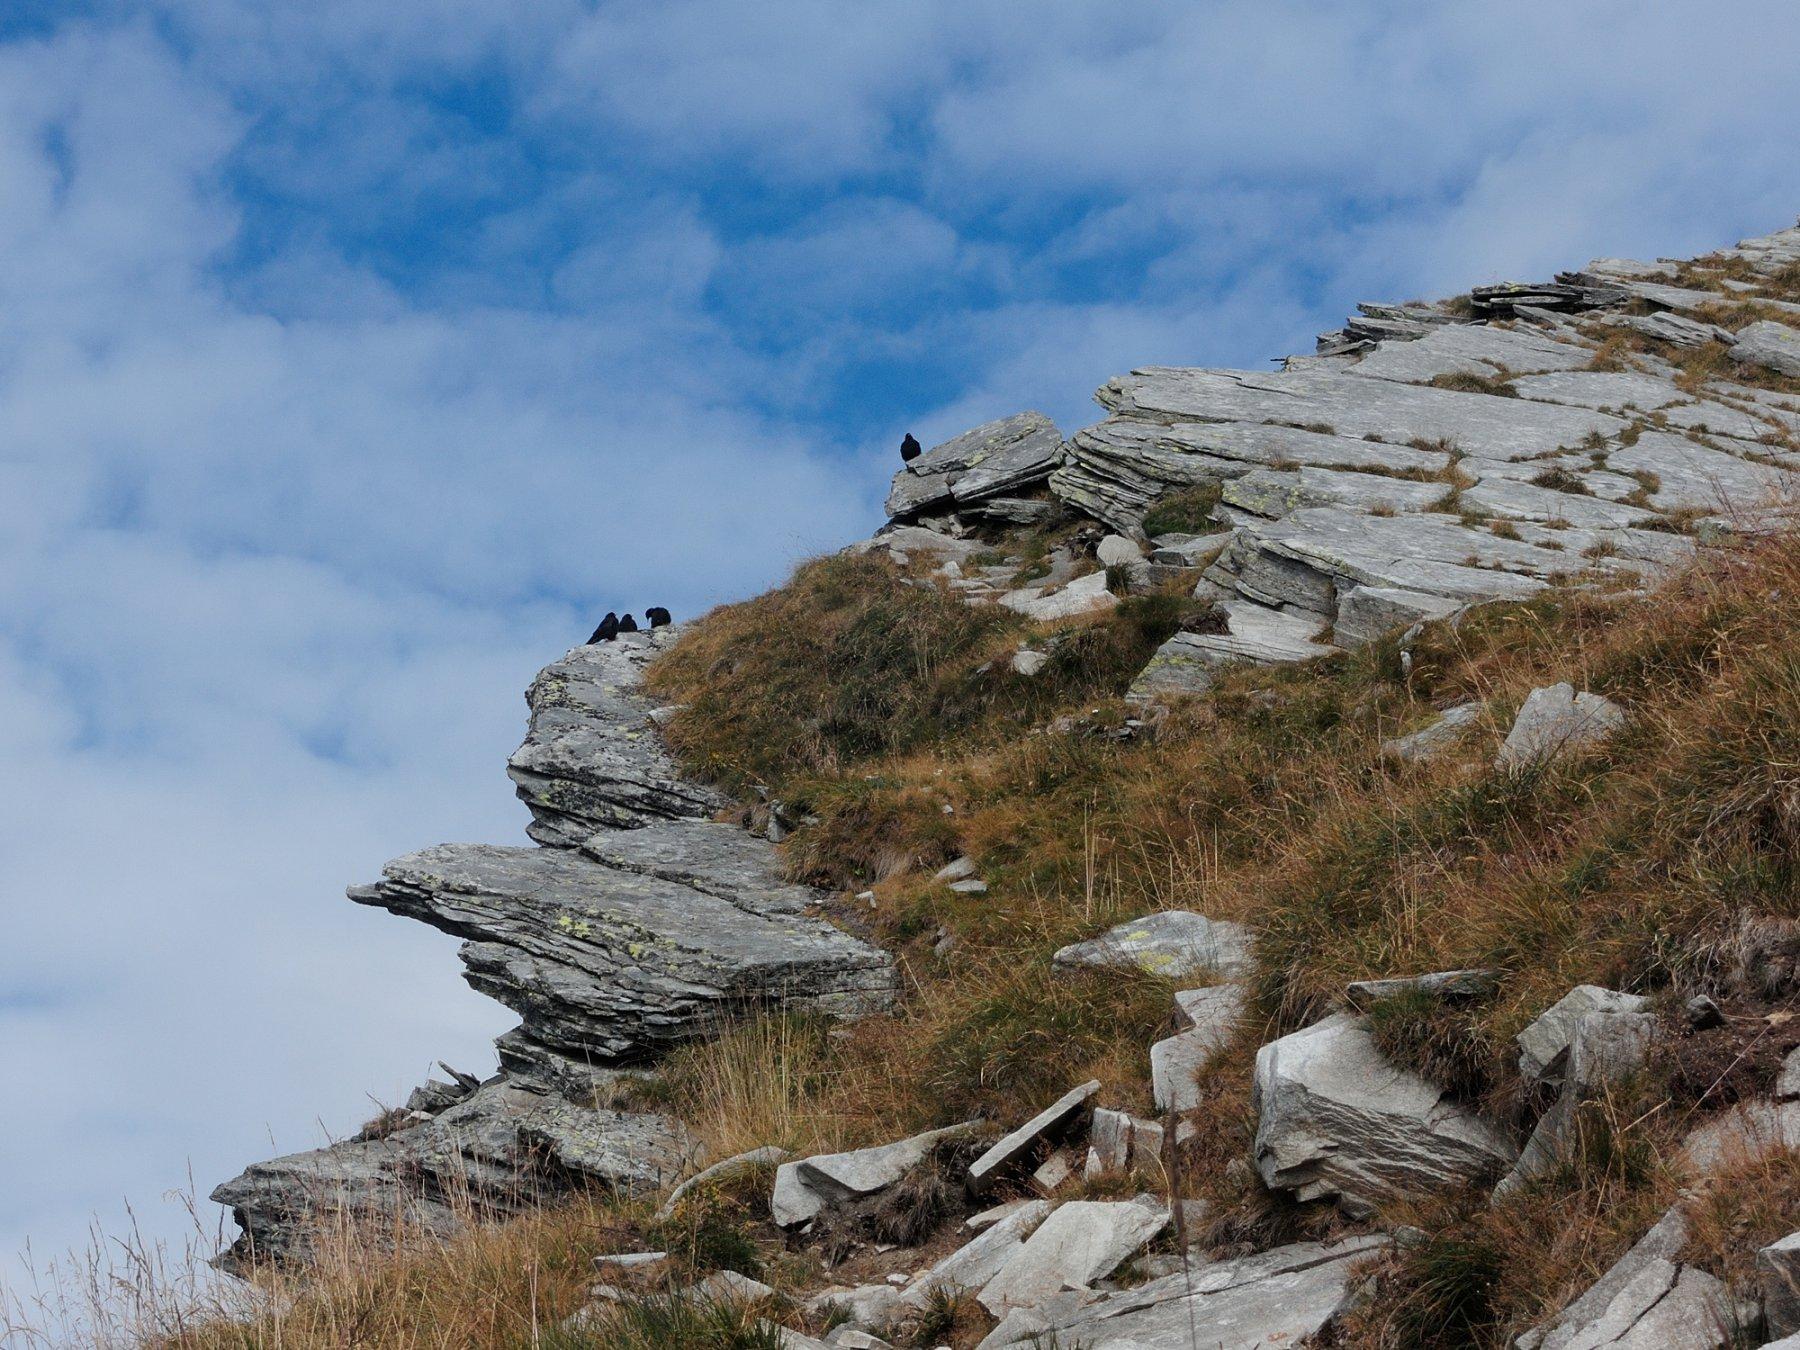 Gracchi alpini ci aspettano sulla cresta verso l'antecima